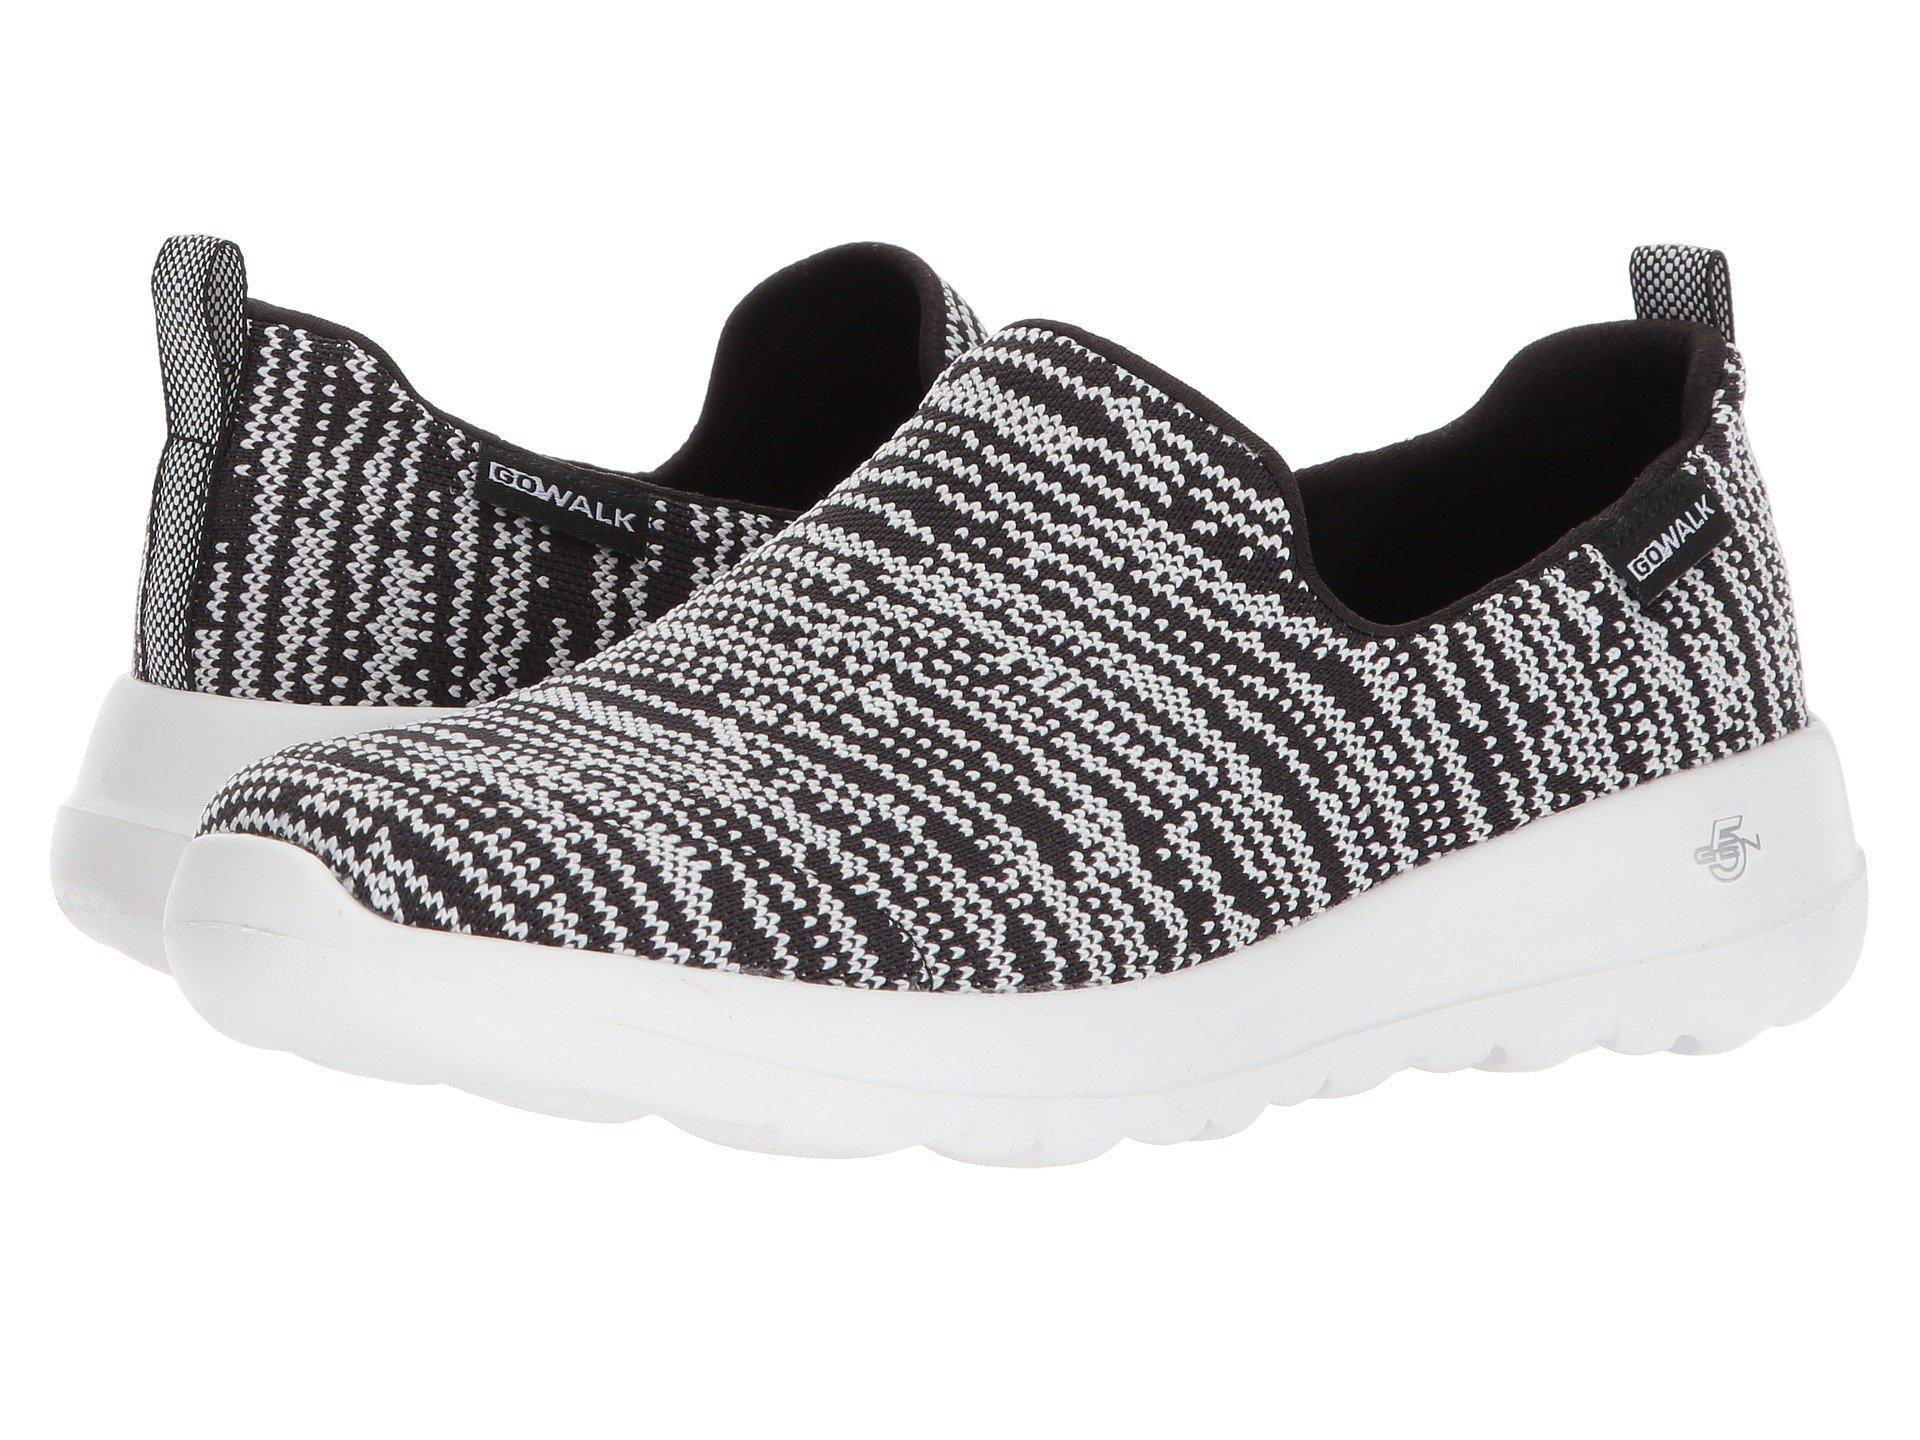 883d32a15ae3 Lyst - Skechers Go Walk Joy - 15602 (black gray) Women s Shoes in Black